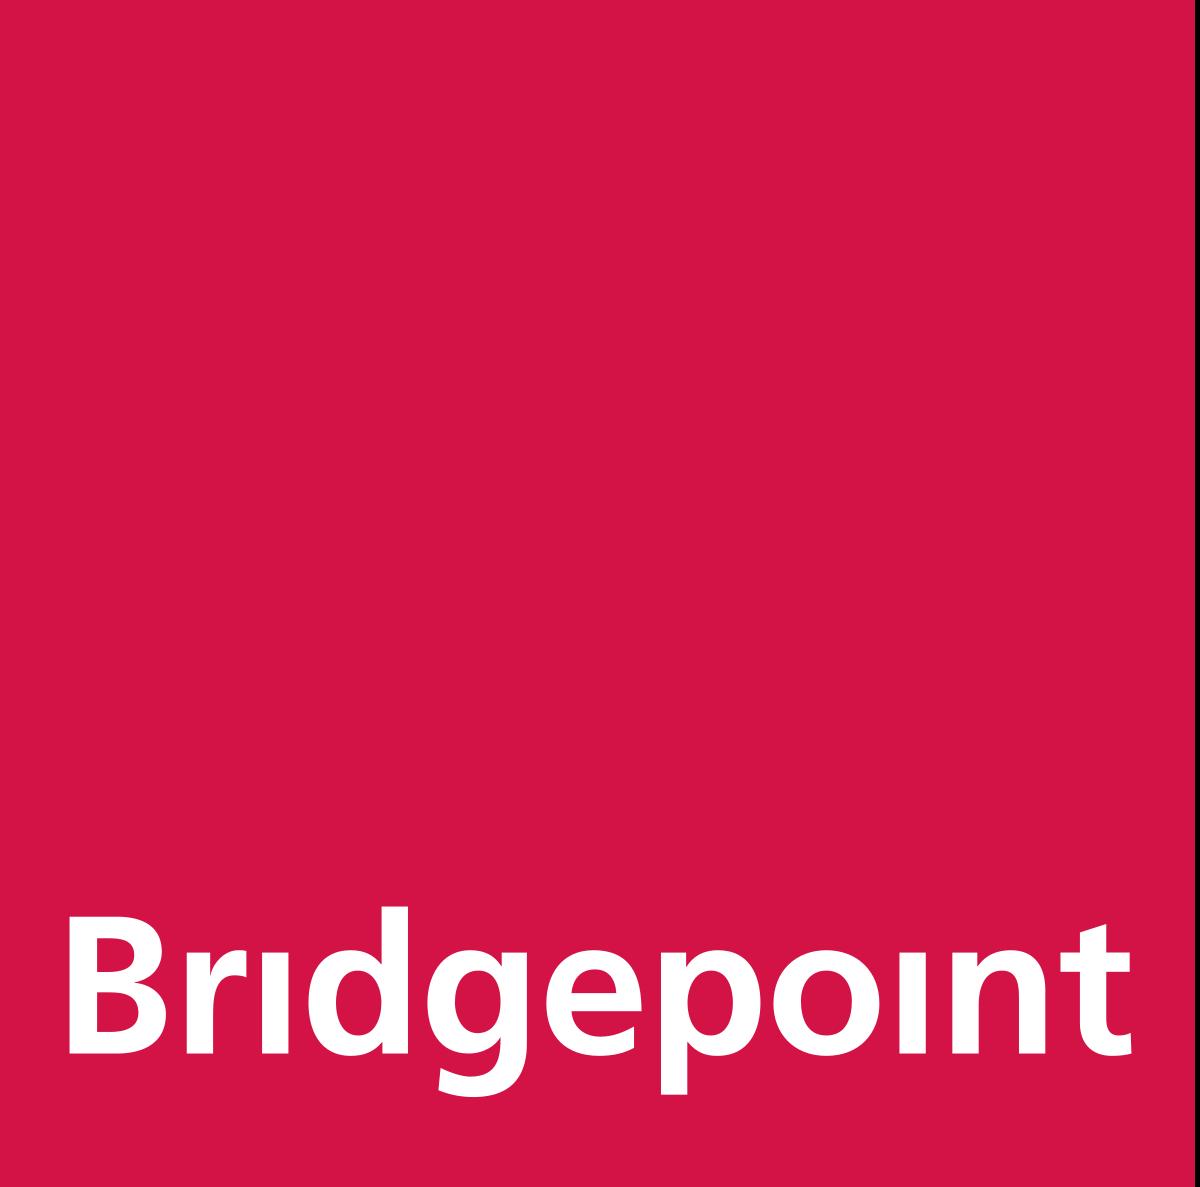 Bridgepoint Group plc